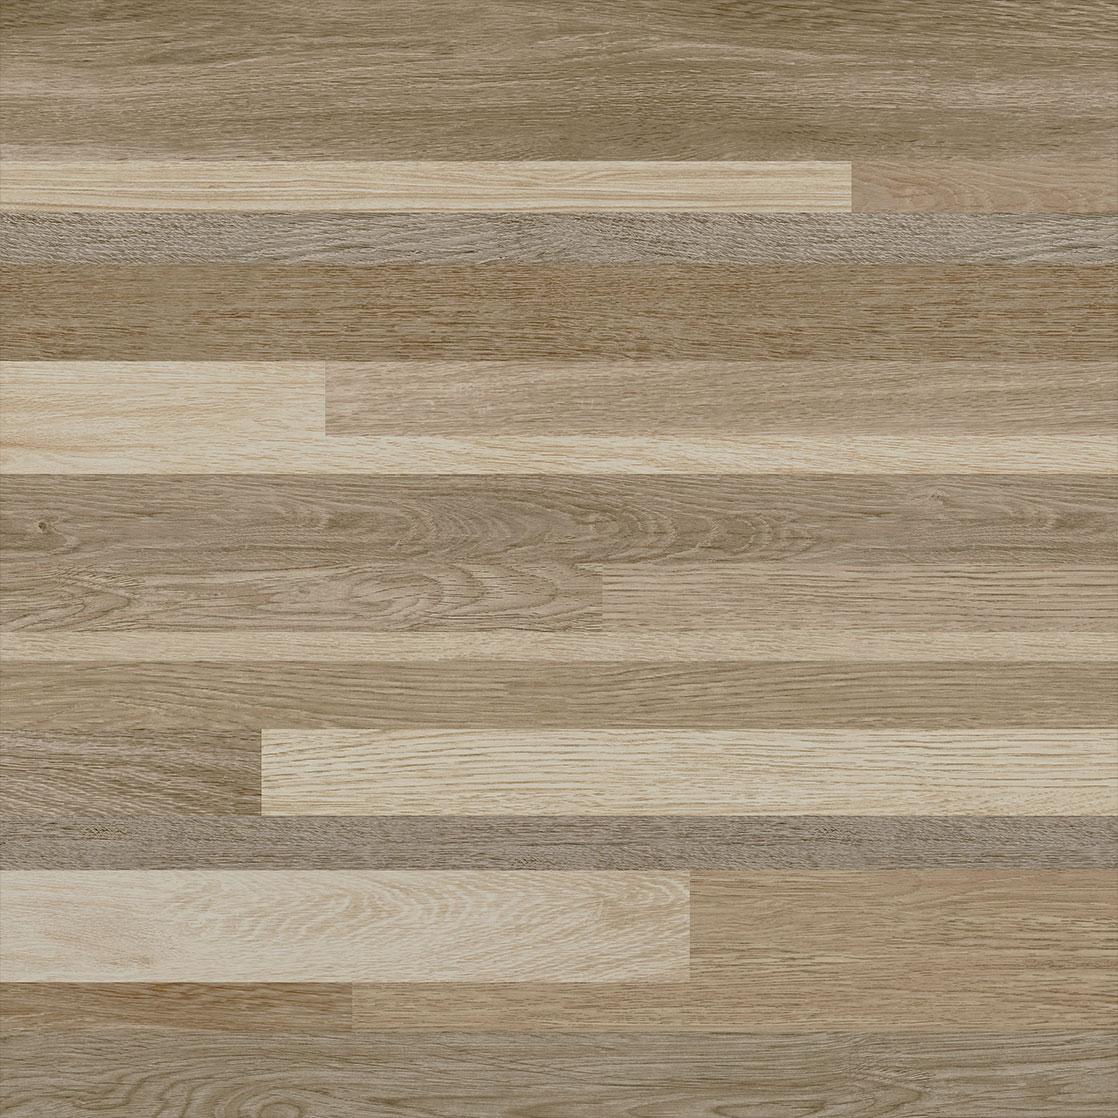 Gạch lát nền vân gỗ Viglacera VG6008 giá rẻ